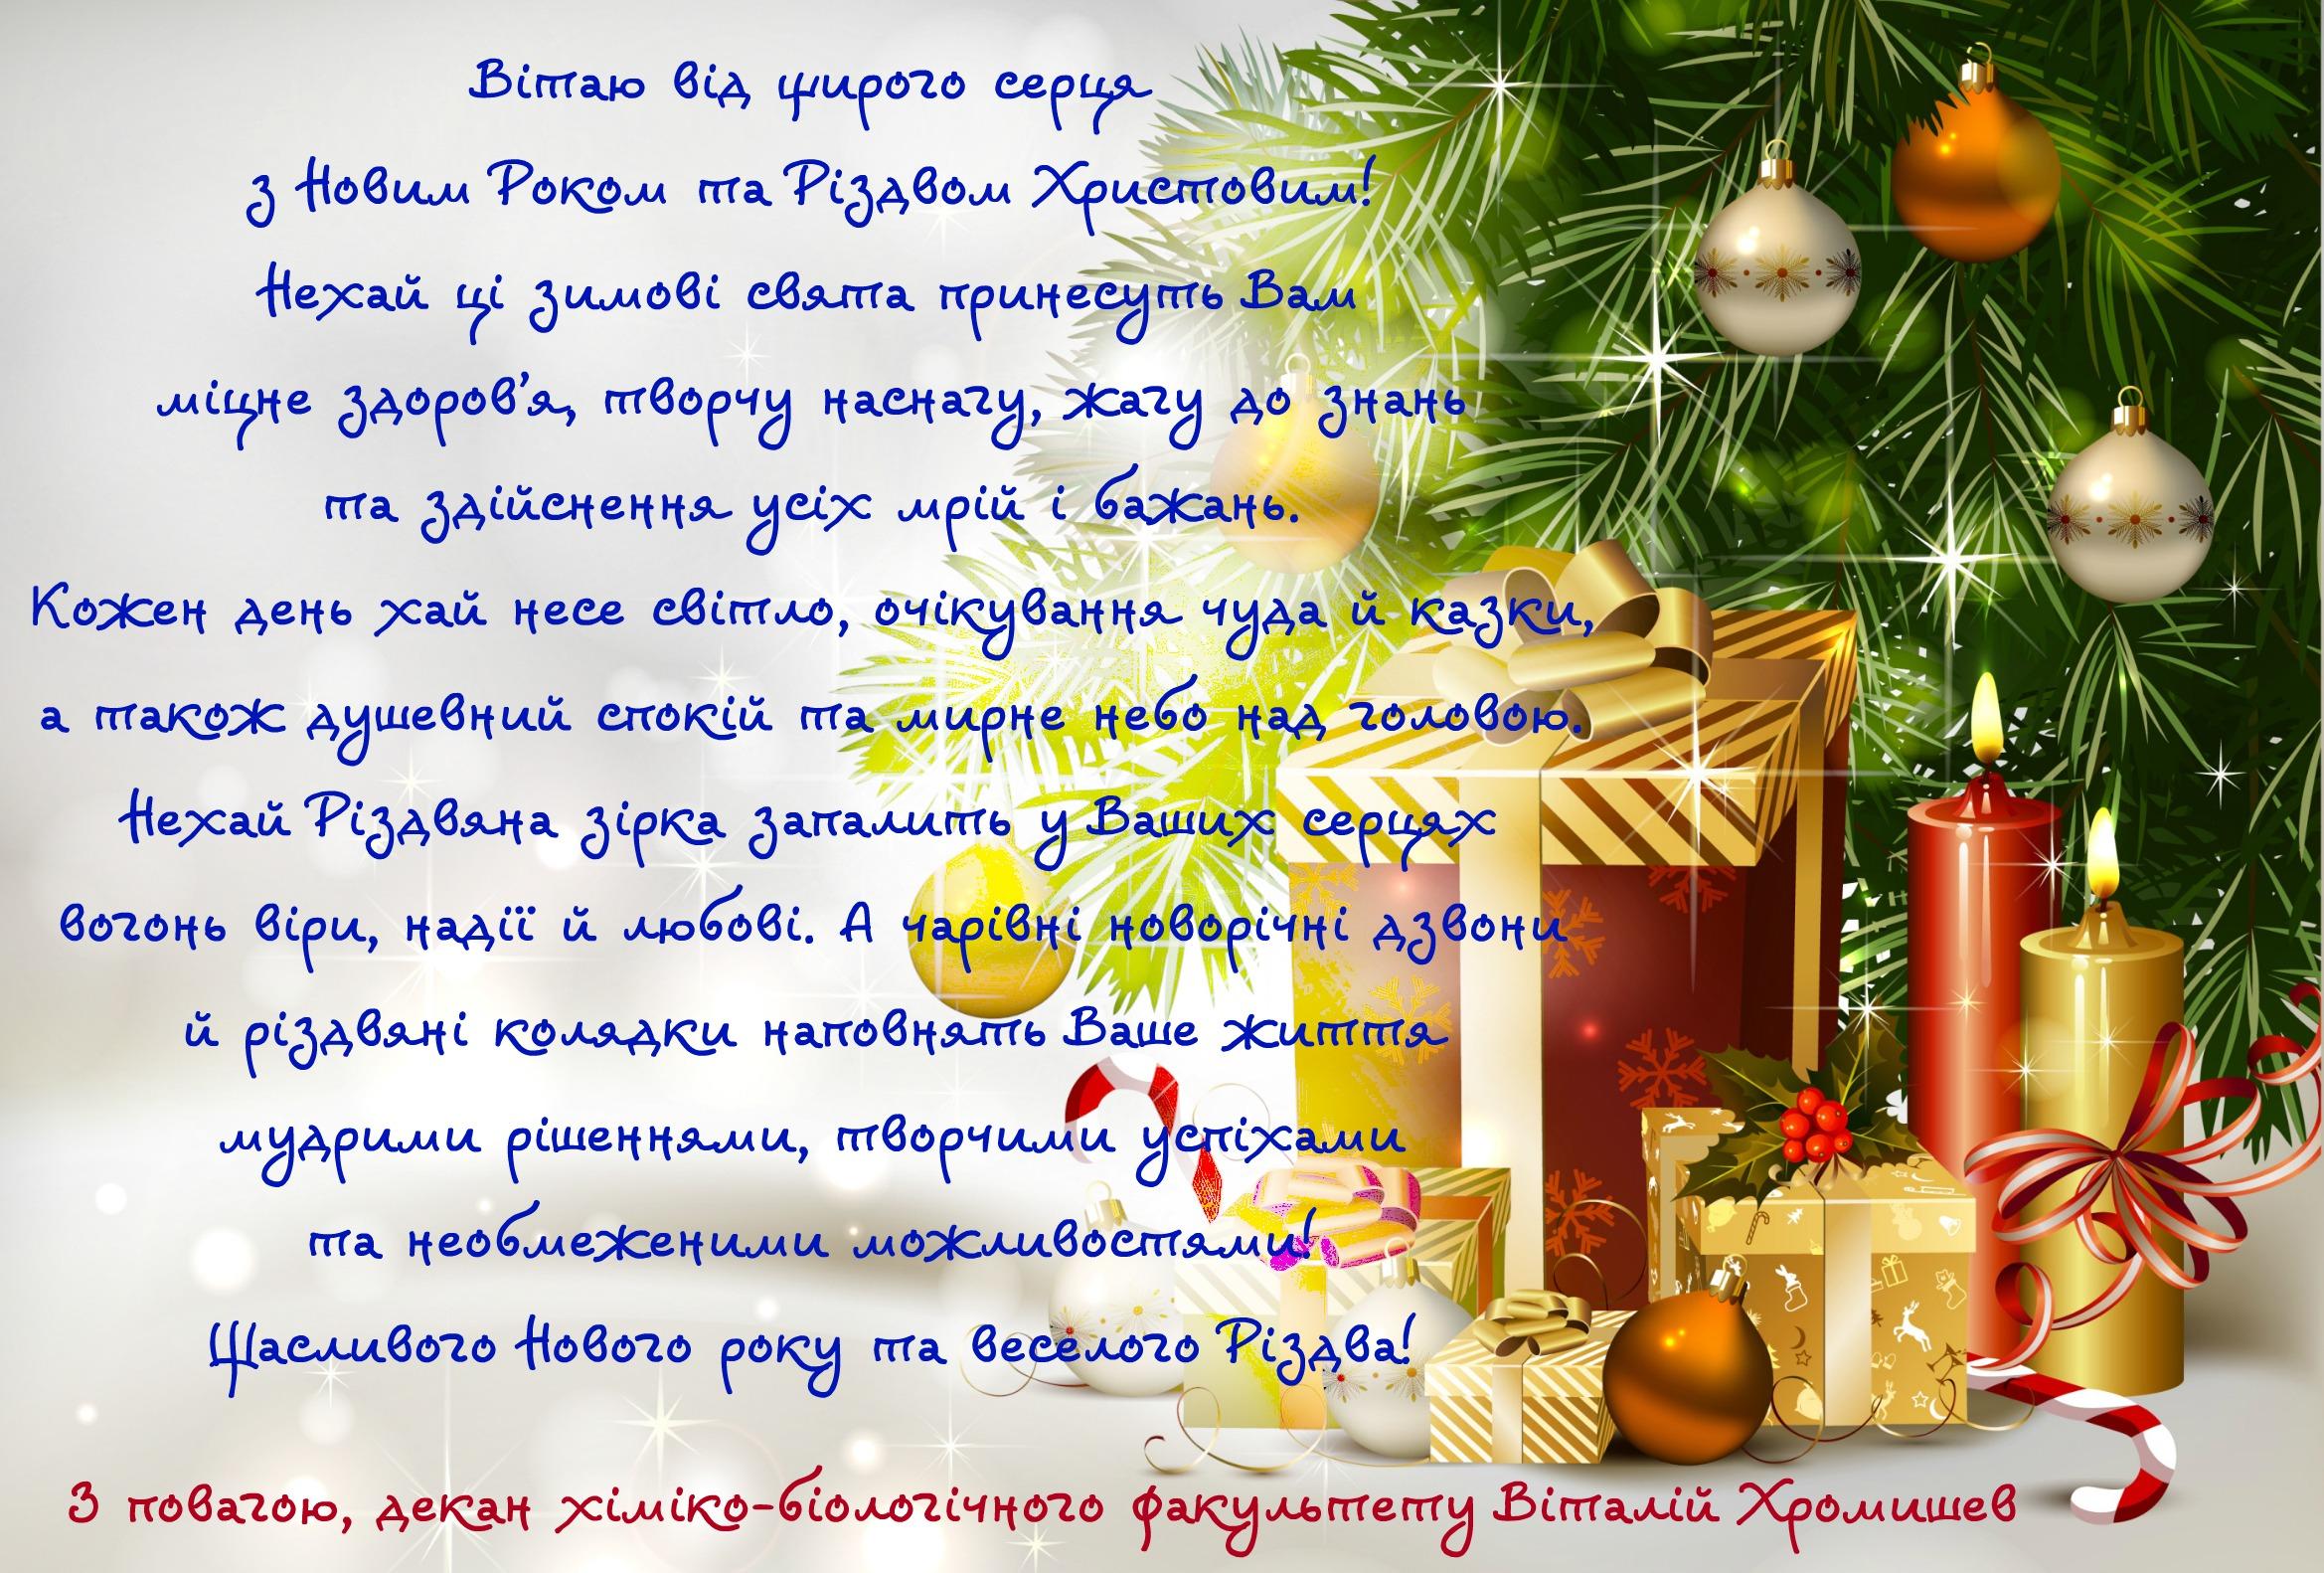 Привітання декана хіміко-біологічного факультету Віталія Хромишева